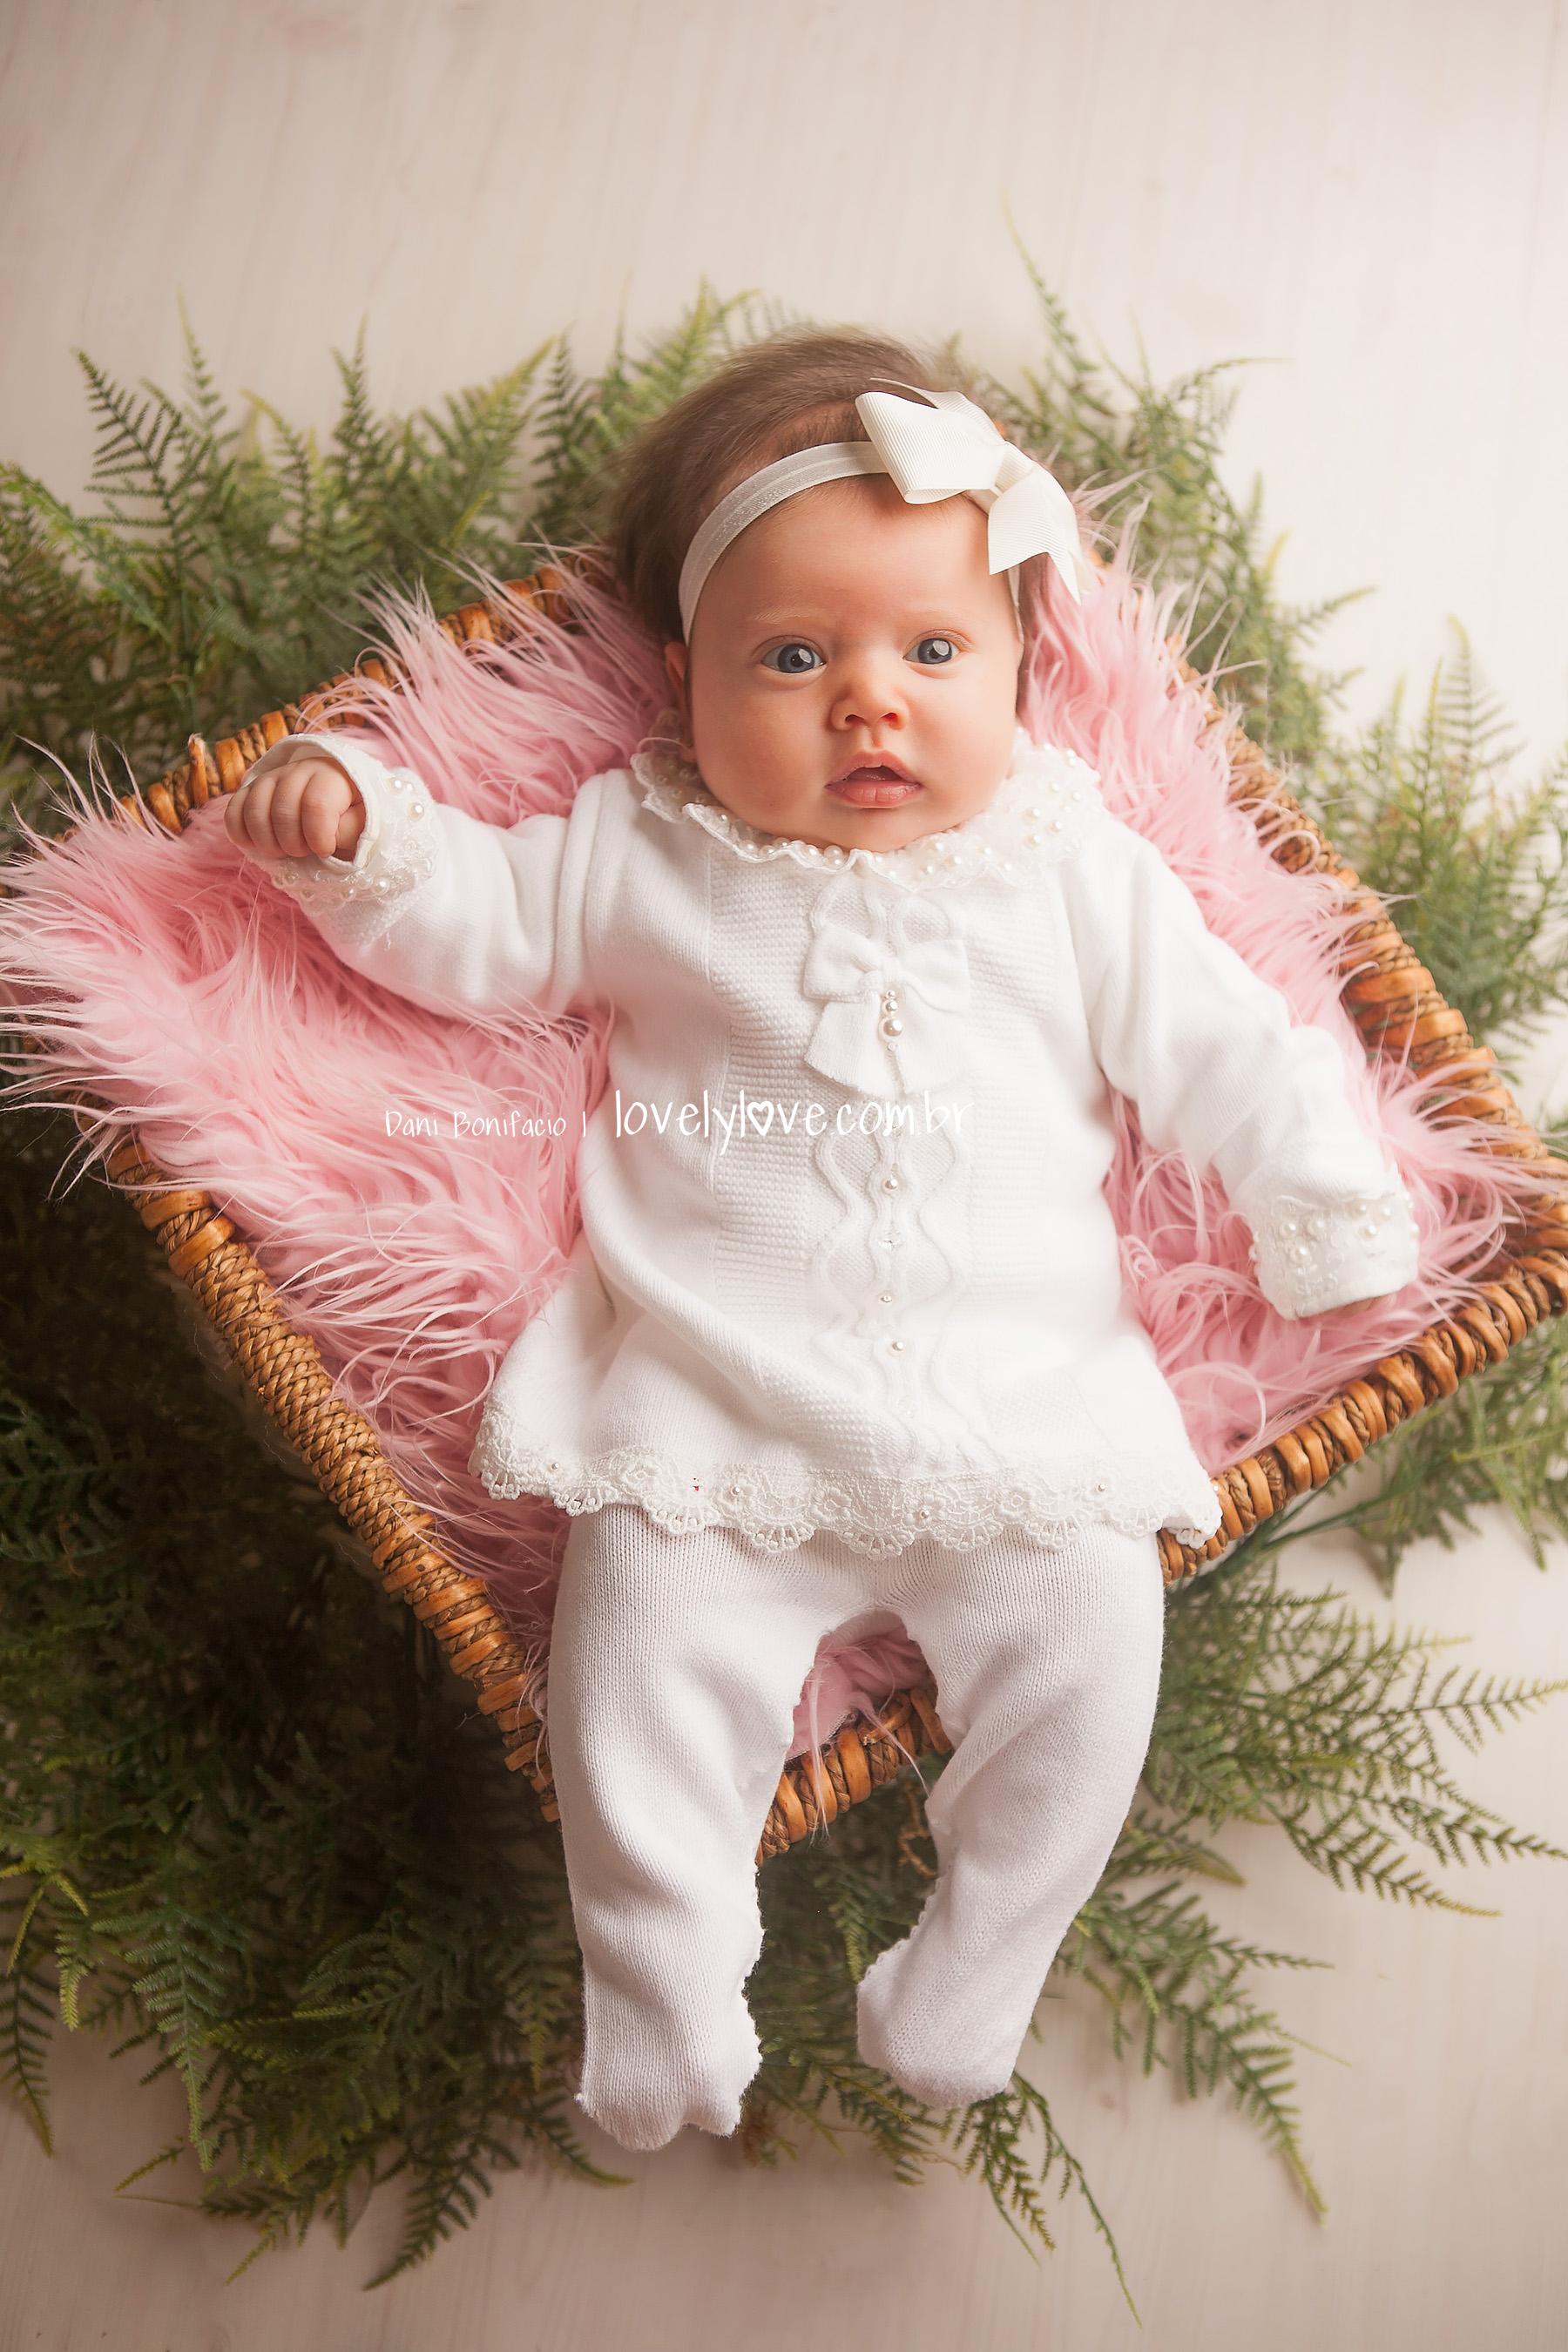 danibonifacio-lovelylove-fotografia-acomapanhamentobebe-ensaioinfantil-newborn-fotografadefamilia-gravida-gestante2